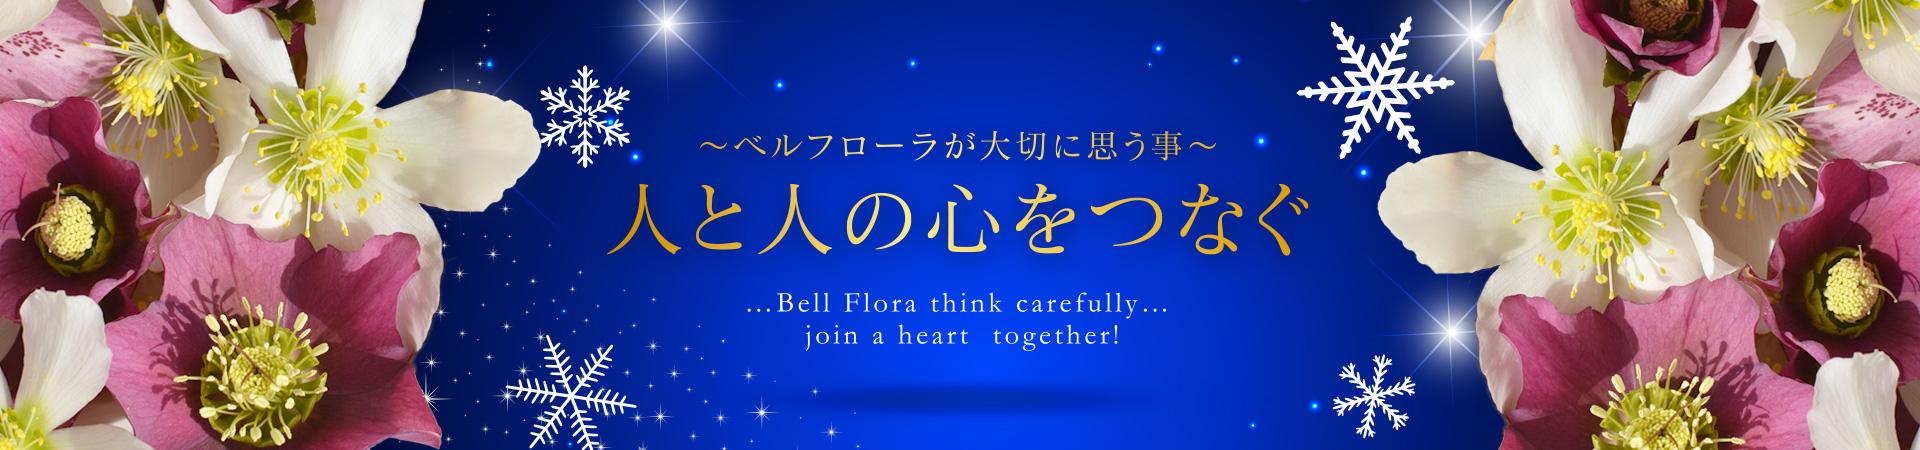 ~ベルフローラが大切に思うこと~人と人の心をつなぐ